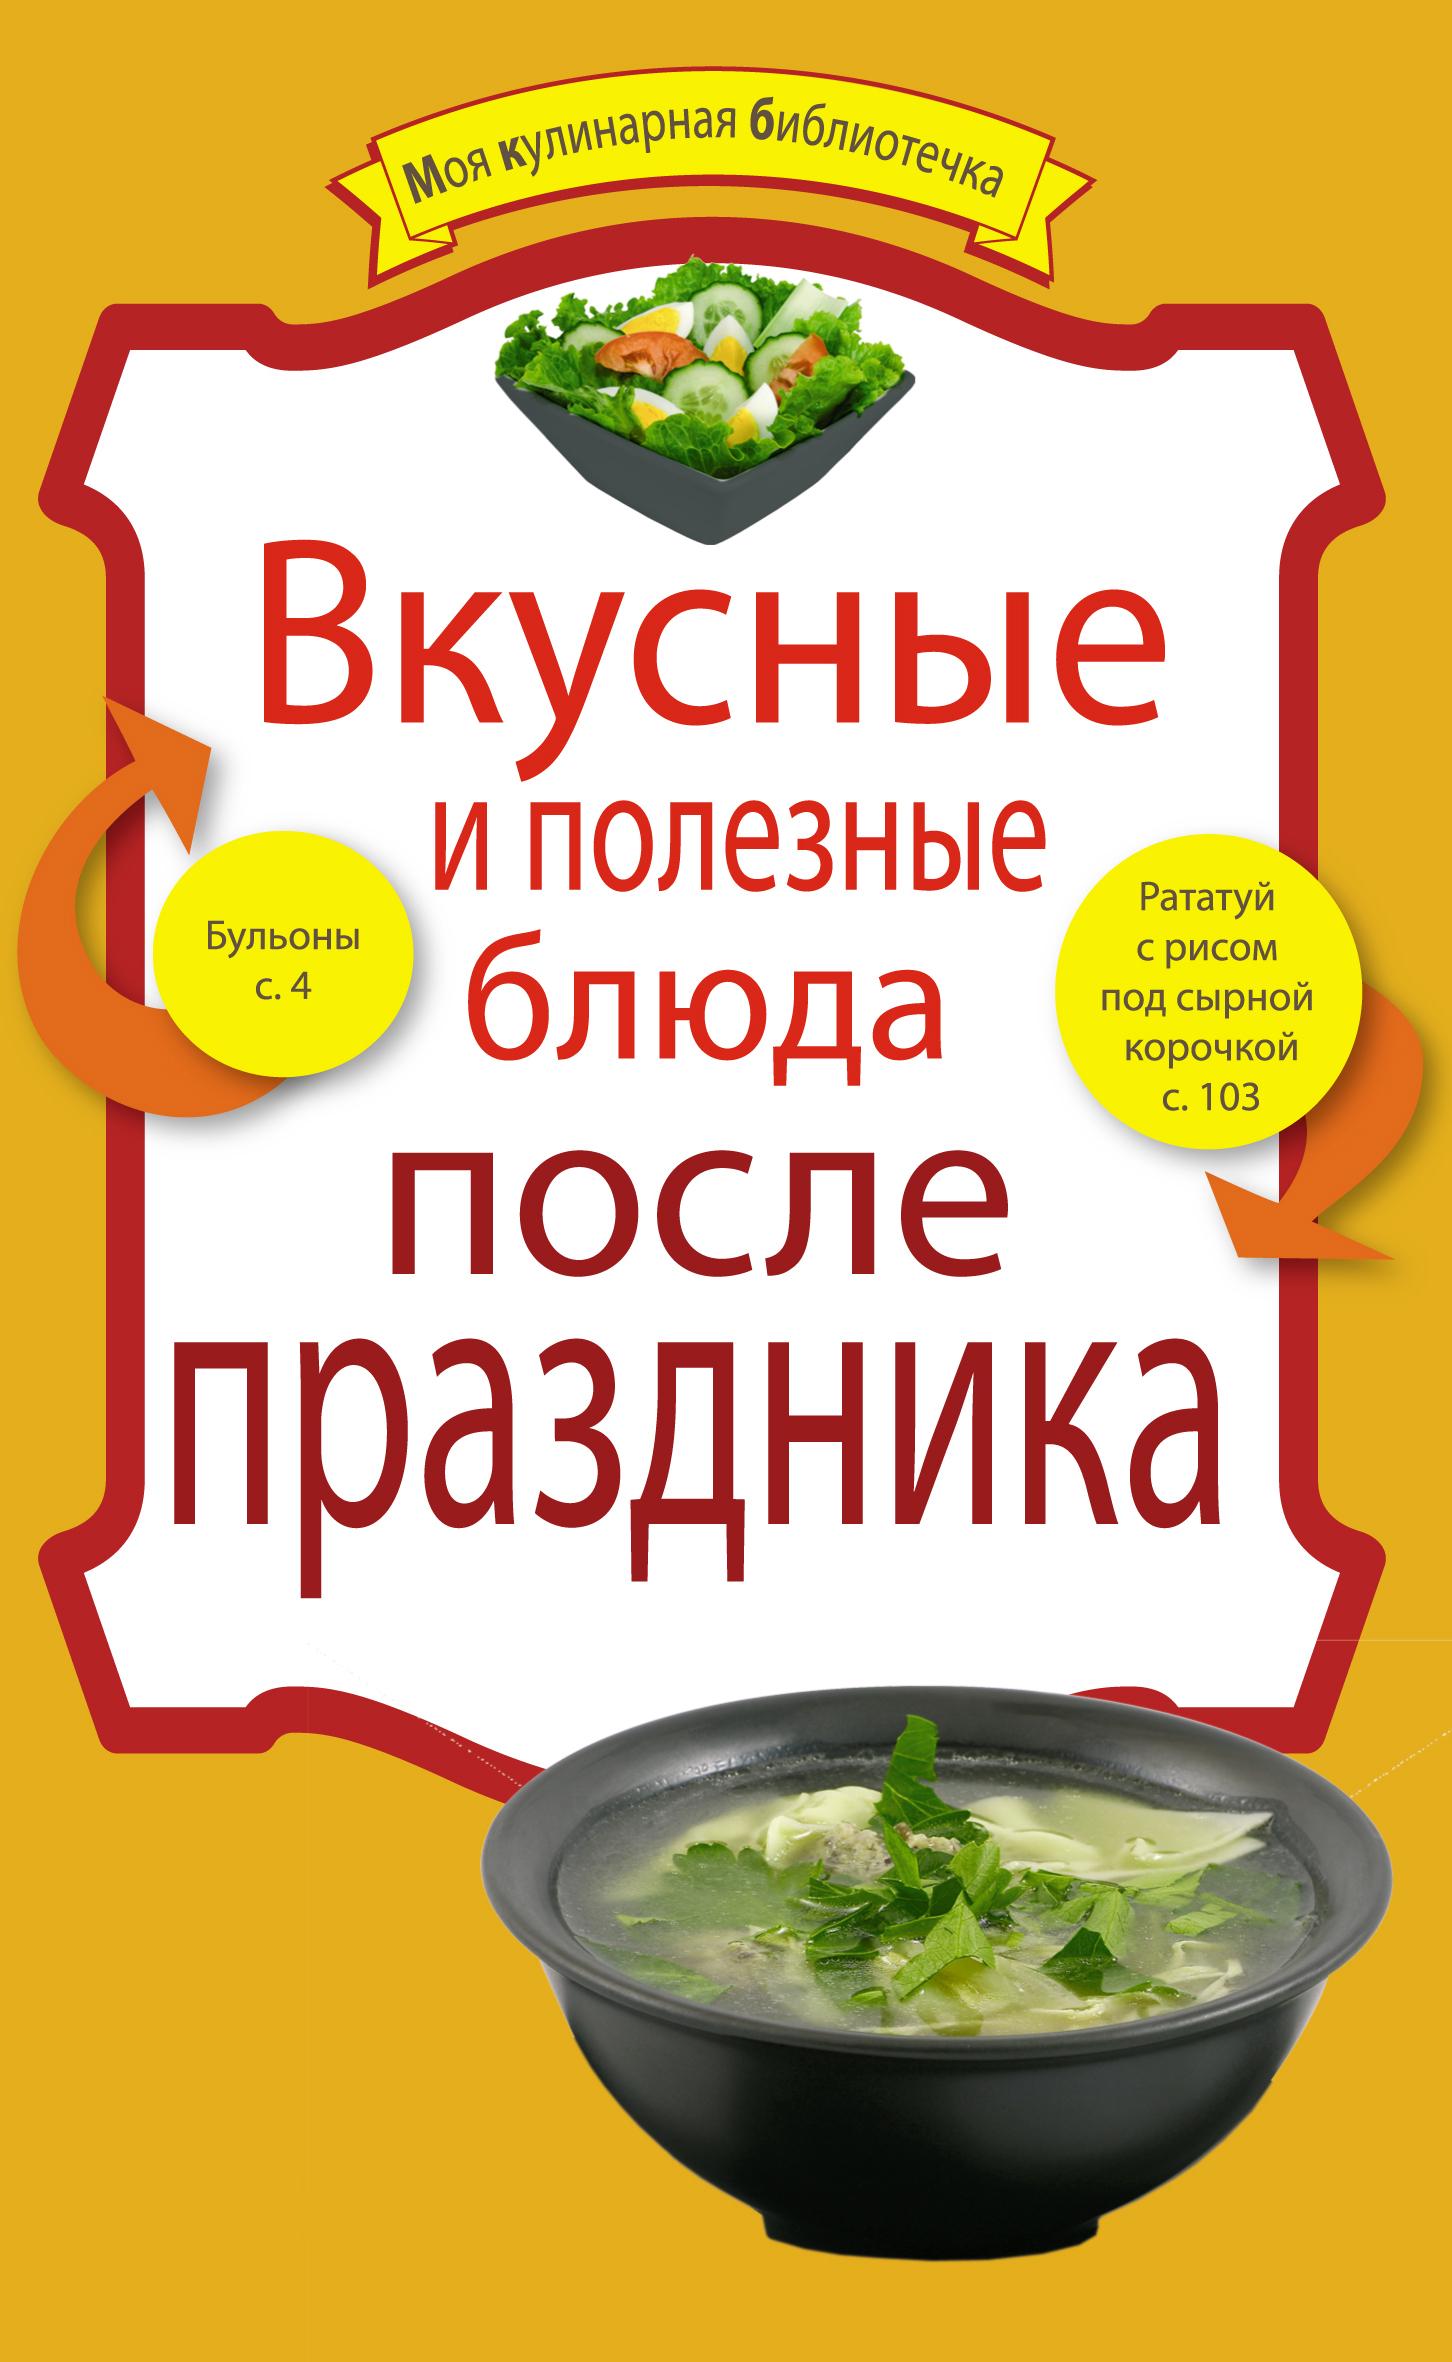 Вкусные и полезные блюда после праздника вкусные и полезные блюда после праздника